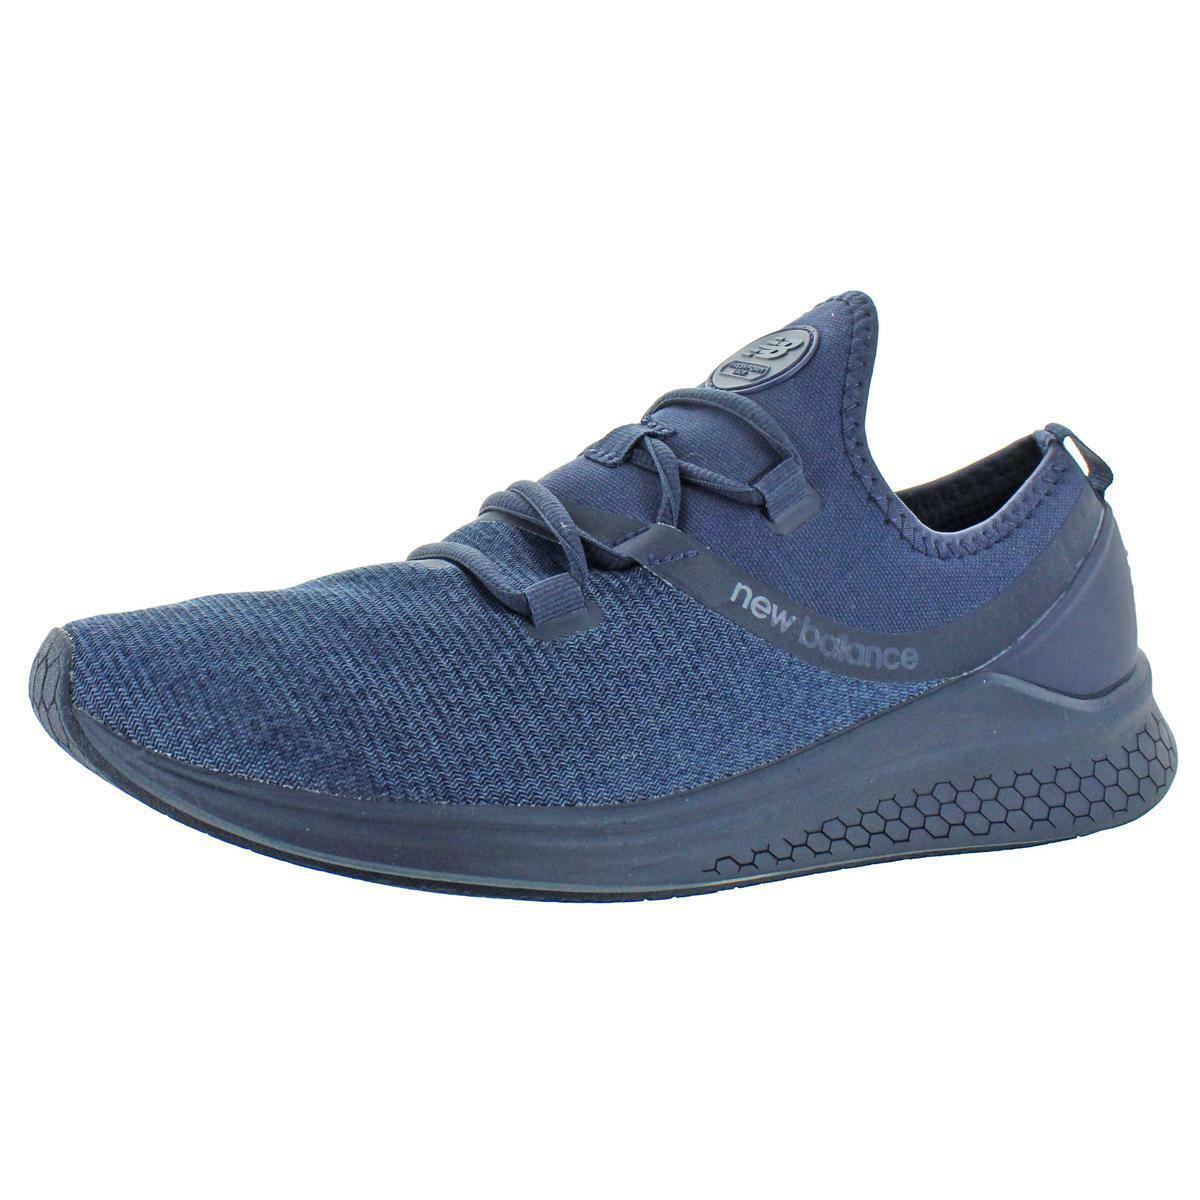 nouveau   Homme Fresh Foam Lazr Athletic FonctionneHommest paniers Chaussures BHFO 6025